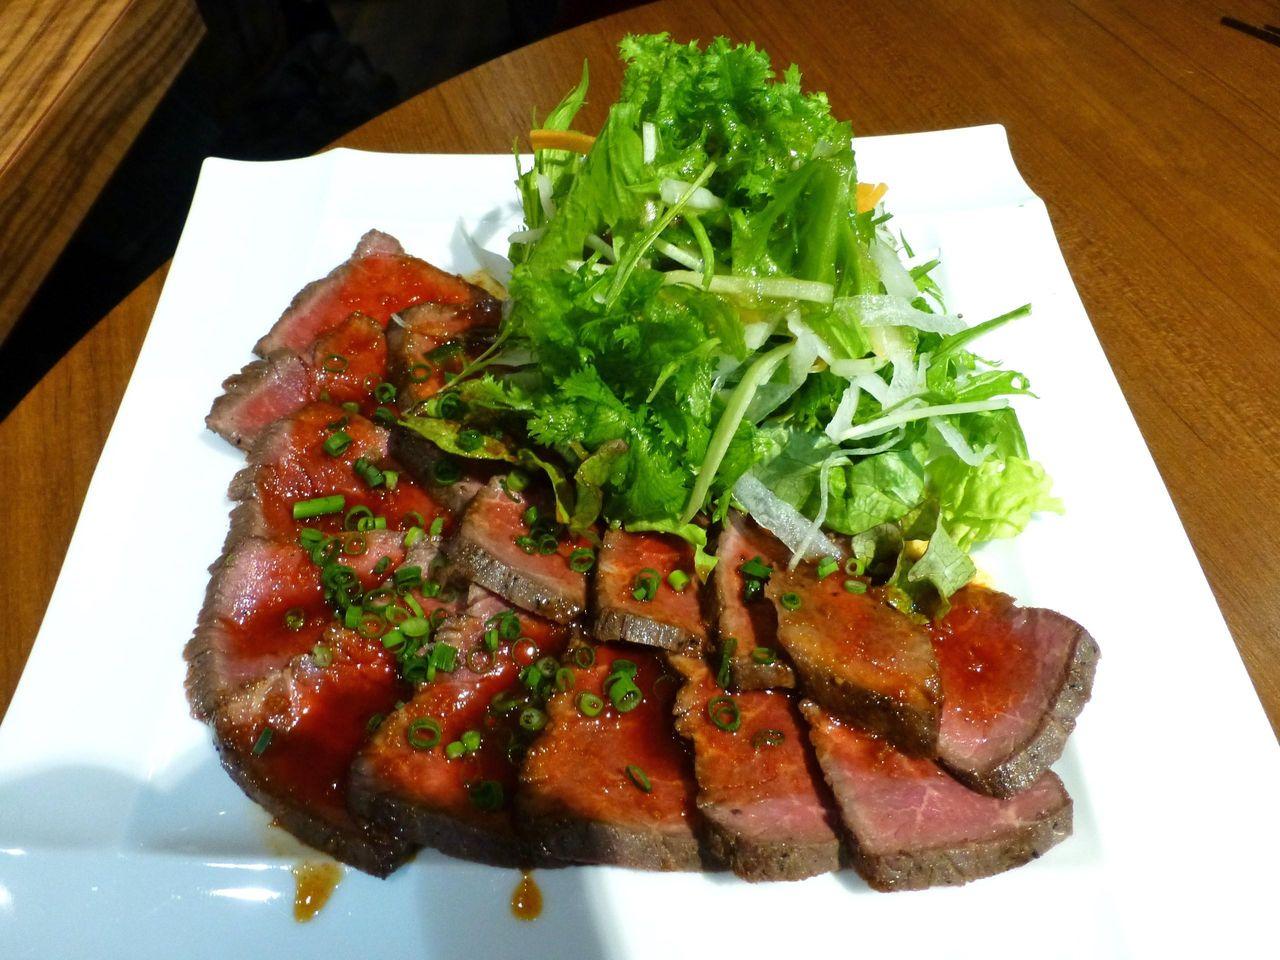 牛モモ肉のタタキサラダ924円